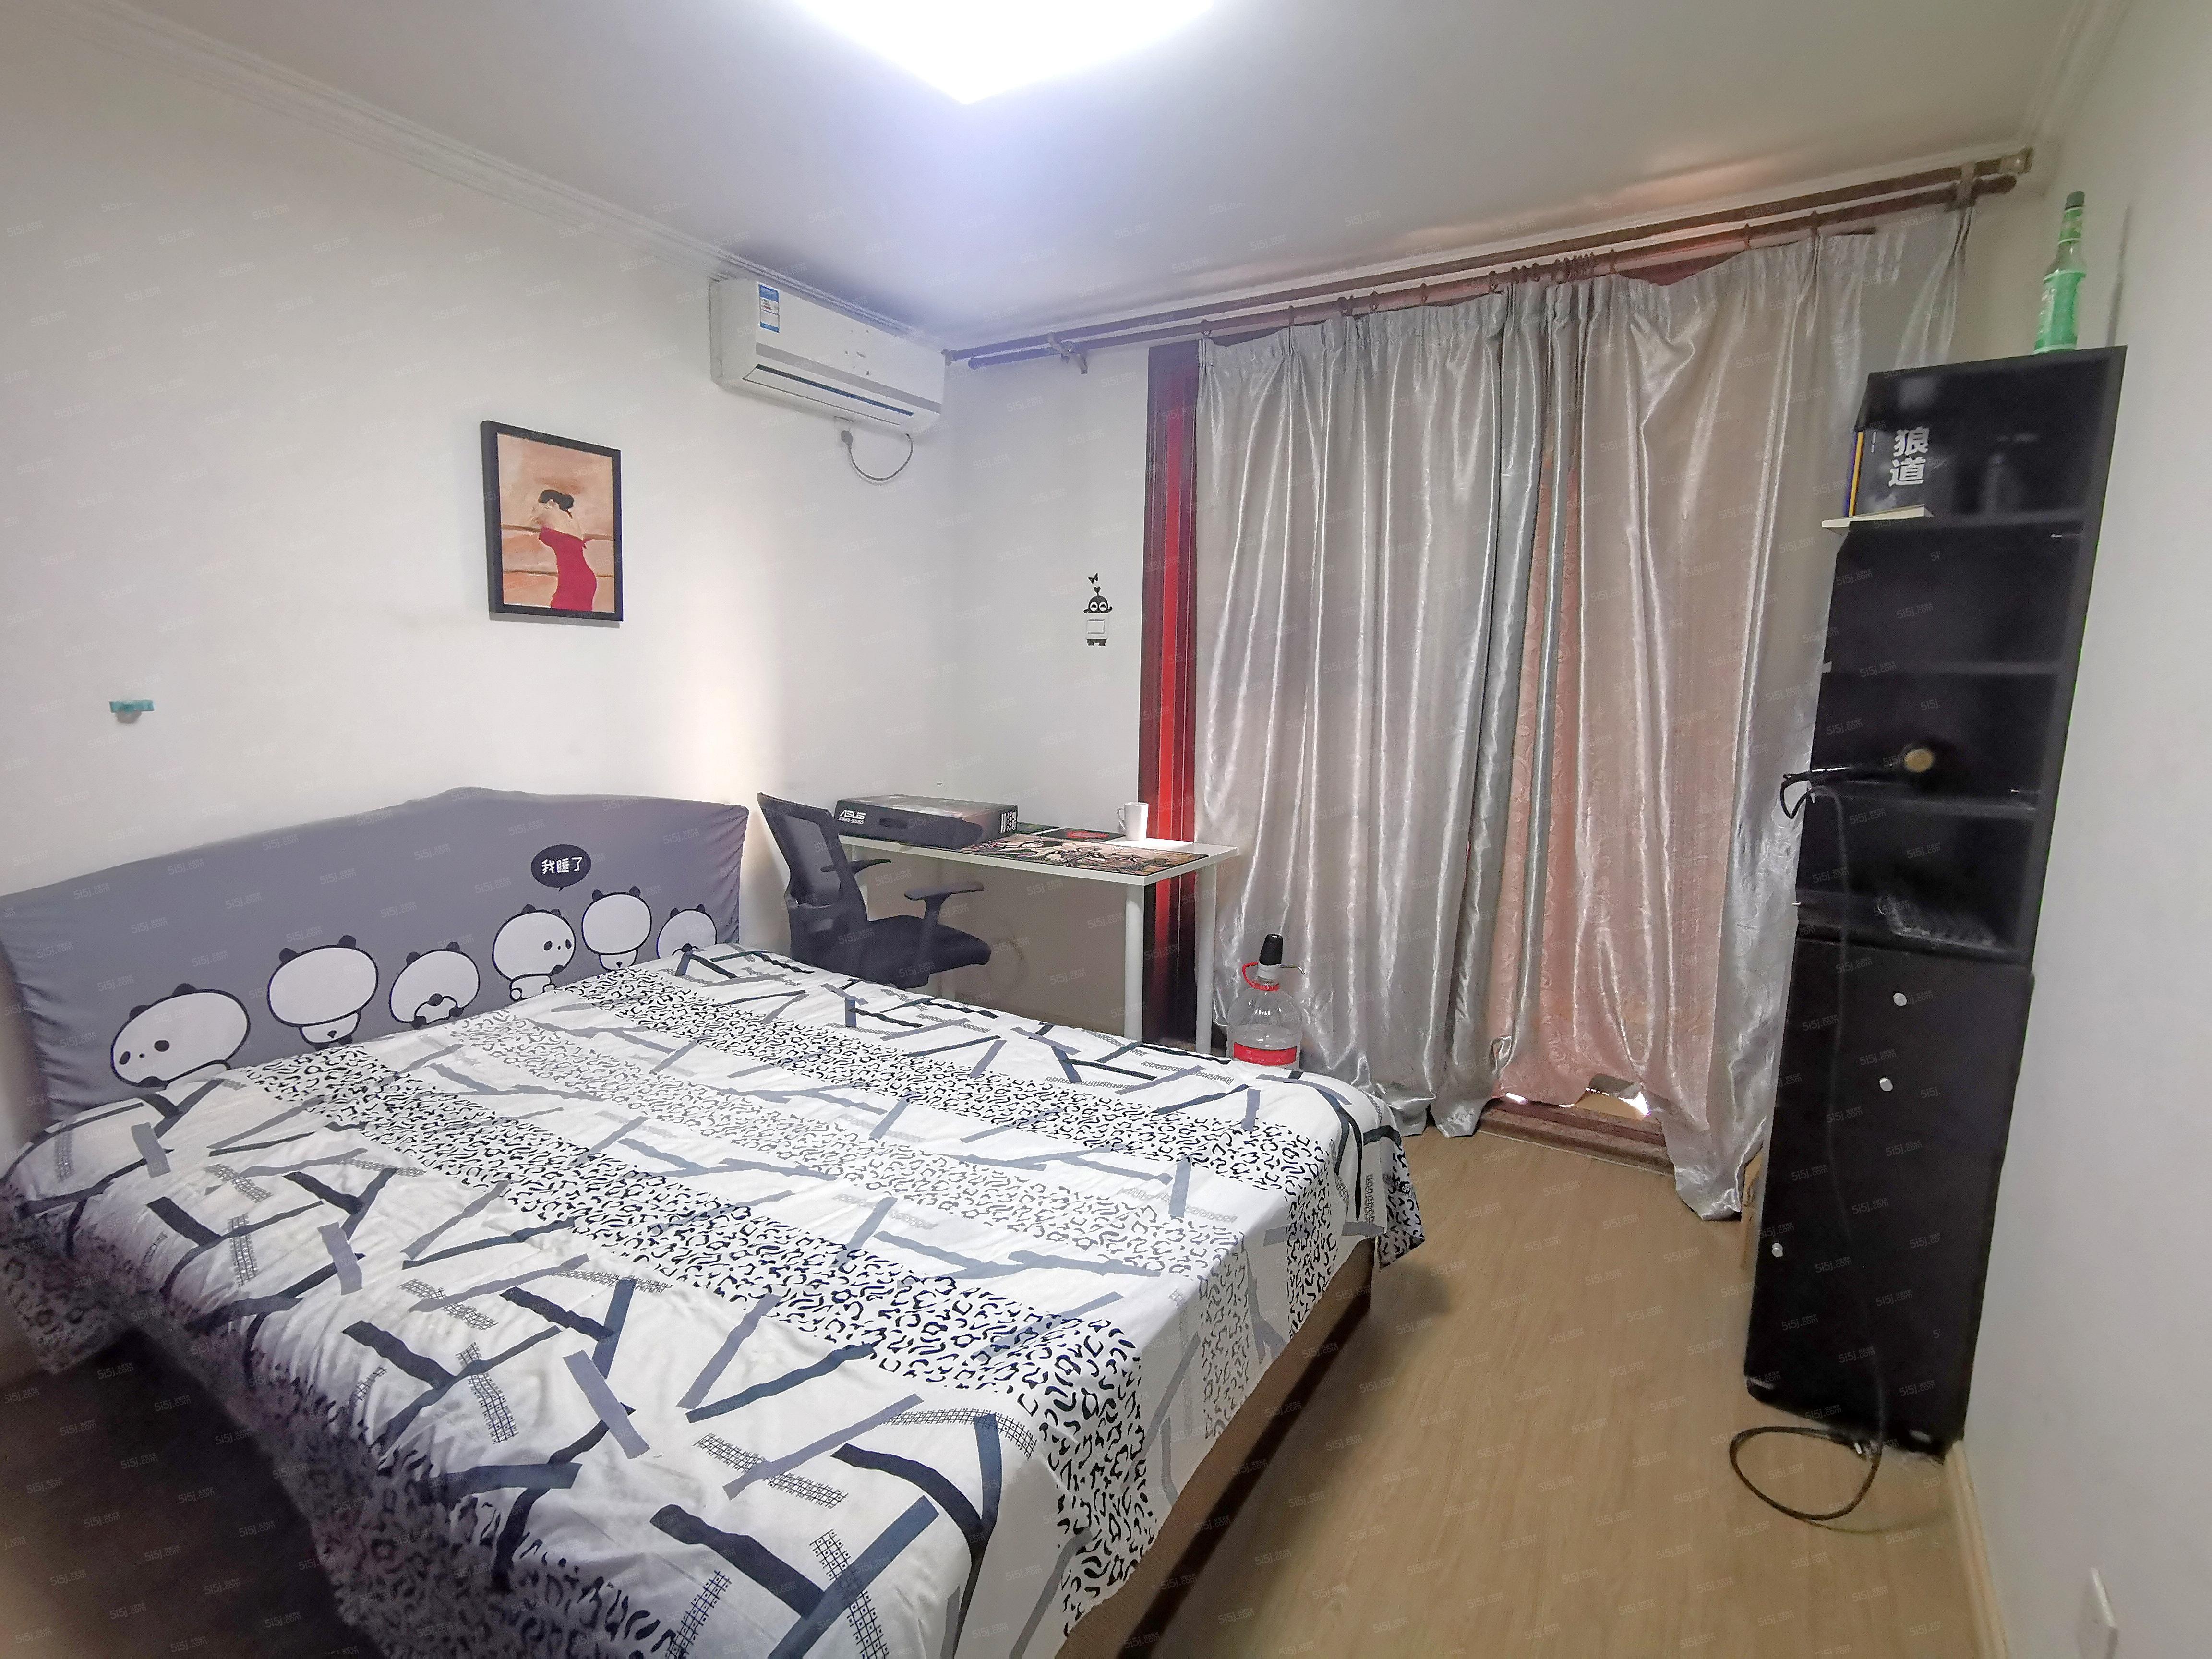 新上 都市馨园一居室 家具齐全 拎包入住